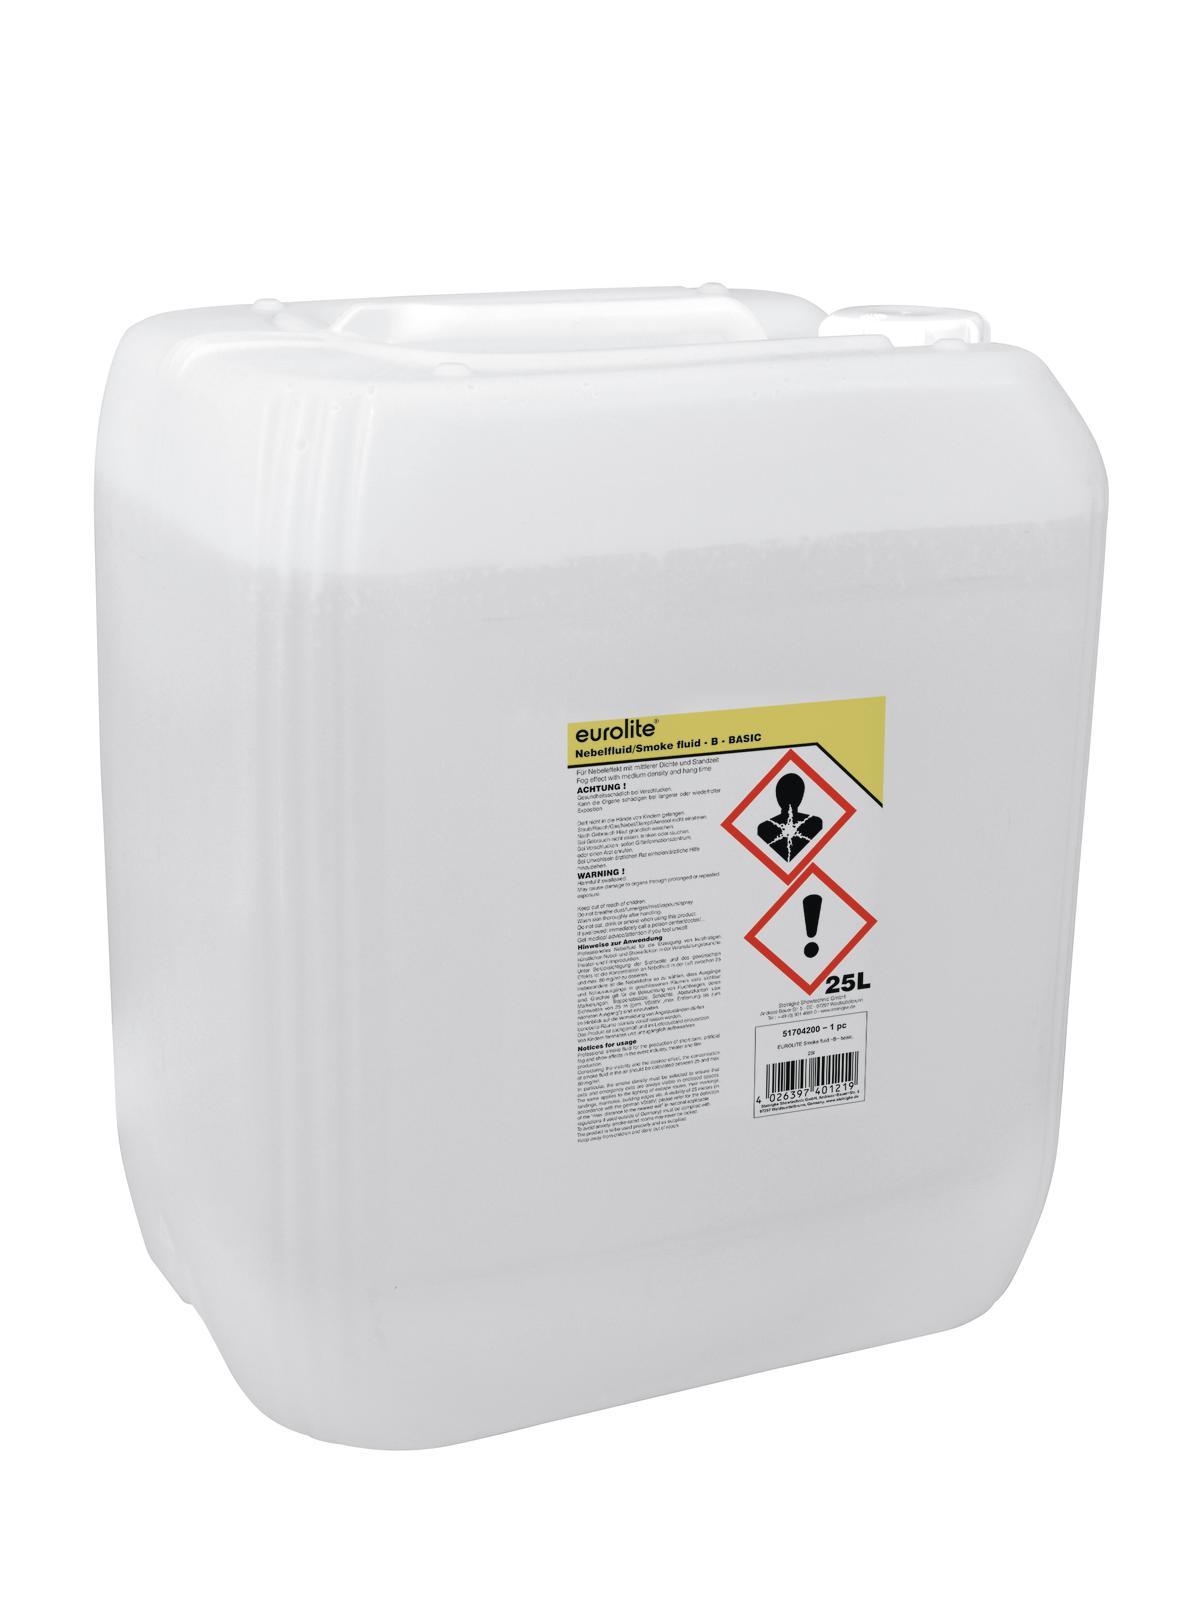 Liquido per macchina del fumo, 25 litri EUROLITE